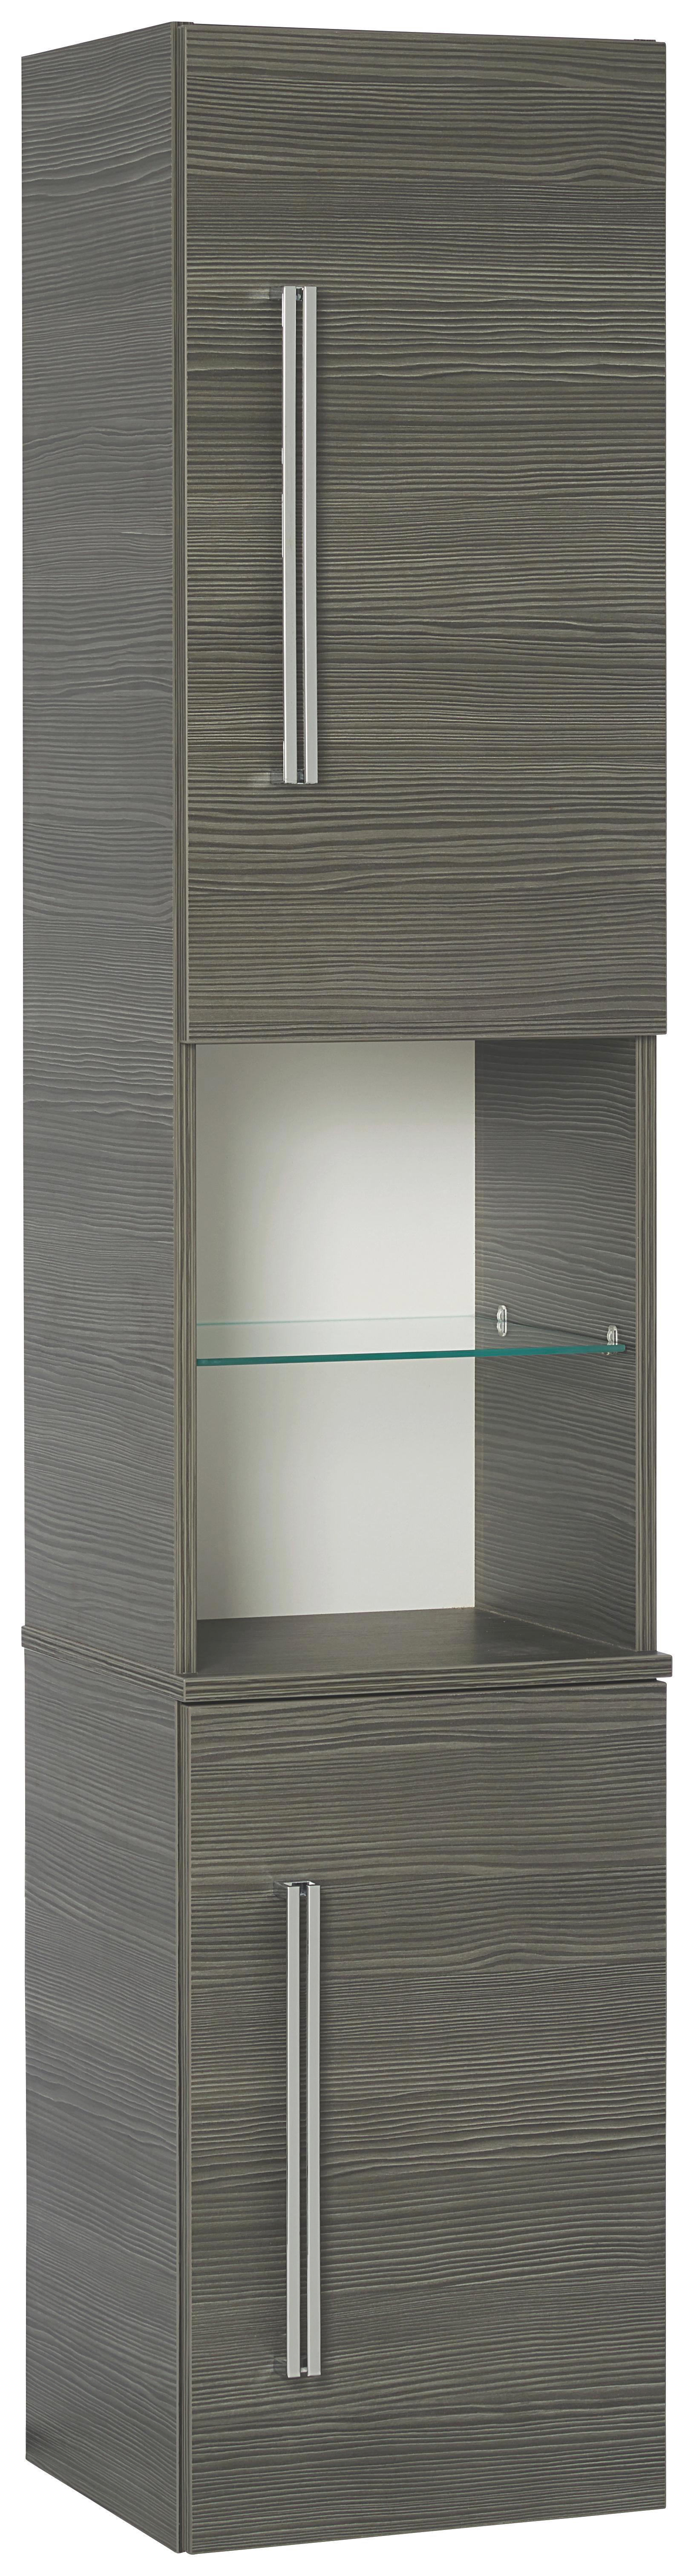 Hochschrank in Mooreichefarben - Chromfarben/Mooreichefarben, MODERN, Glas/Holzwerkstoff (35,5/169/32cm) - PREMIUM LIVING